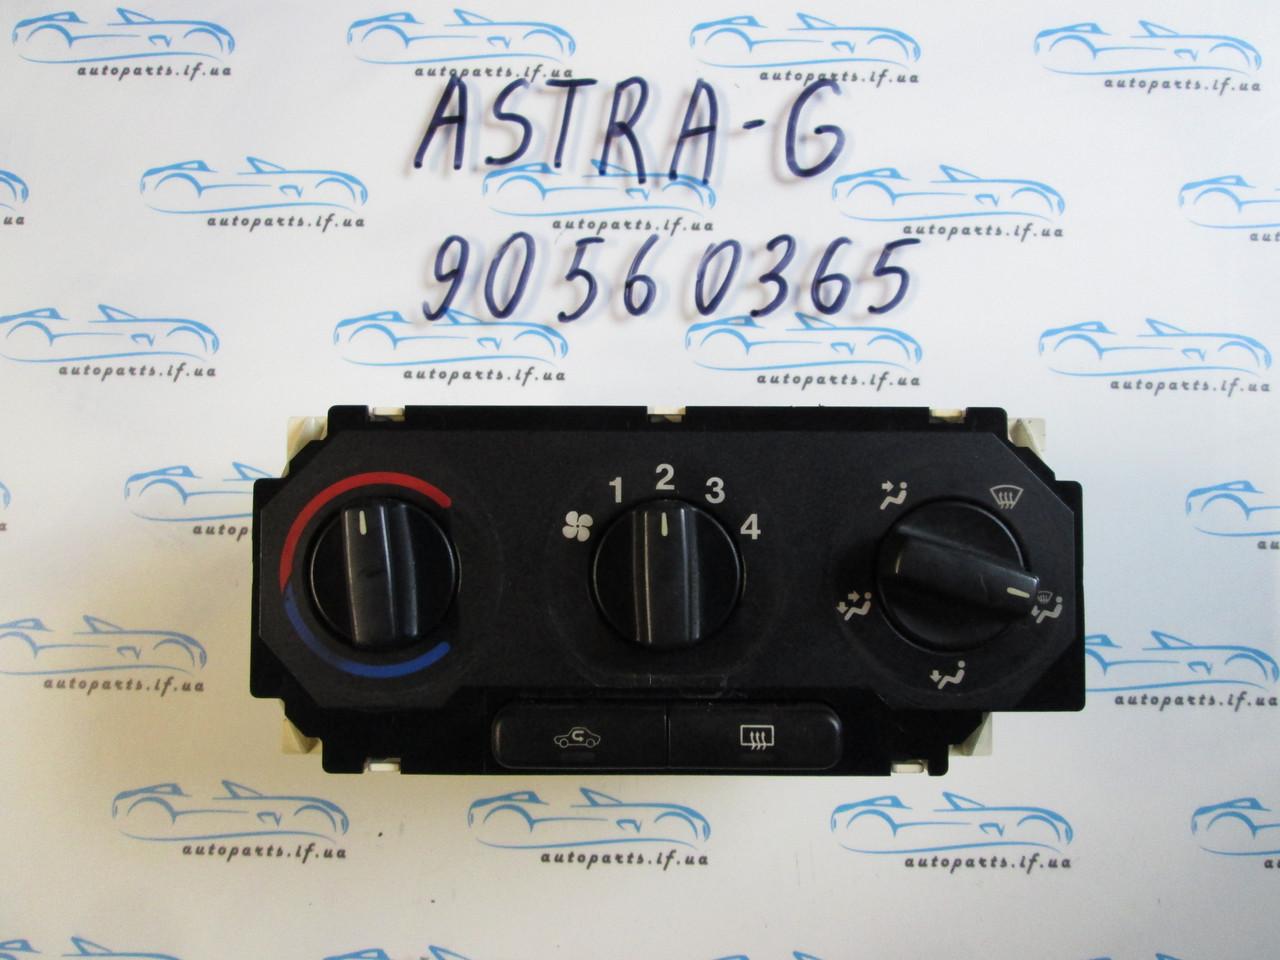 Блок управления печкой опель Астра G, opel Astra G 90560365 без конд.